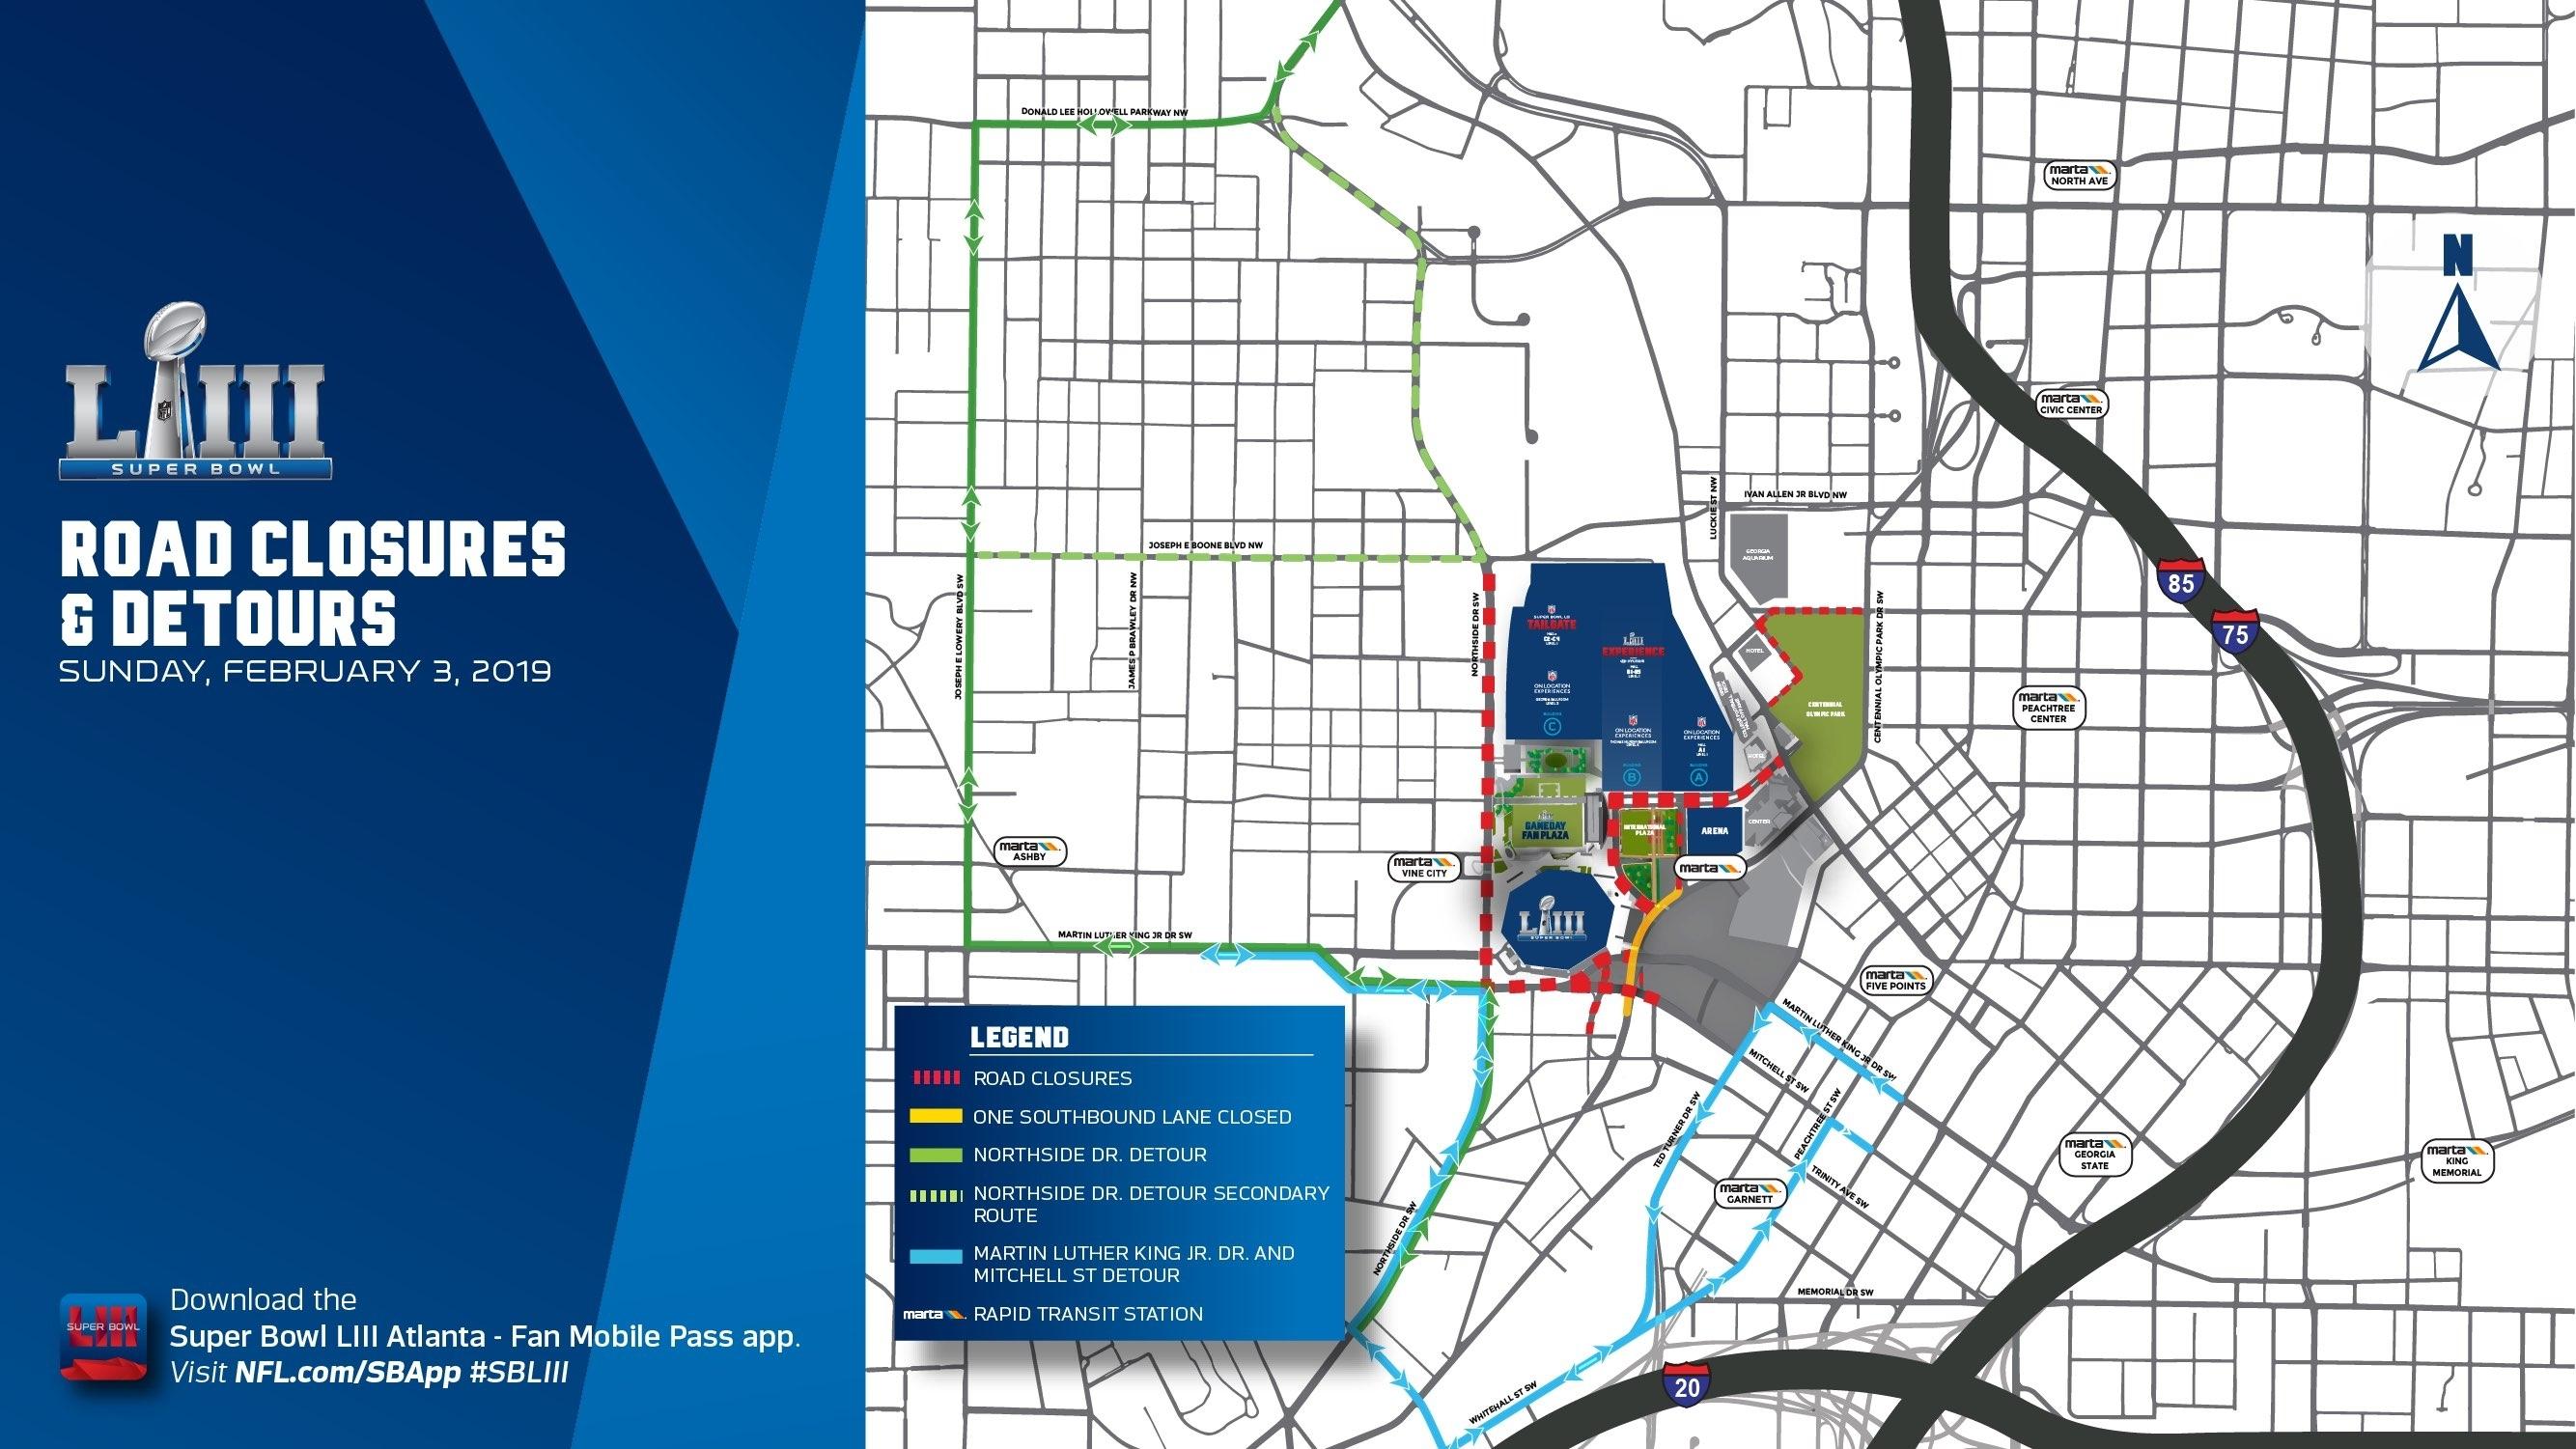 Gameday-Road-Closure-Map Copy - Mercedes Benz Stadium inside Map Of Super Bowl Road Closures